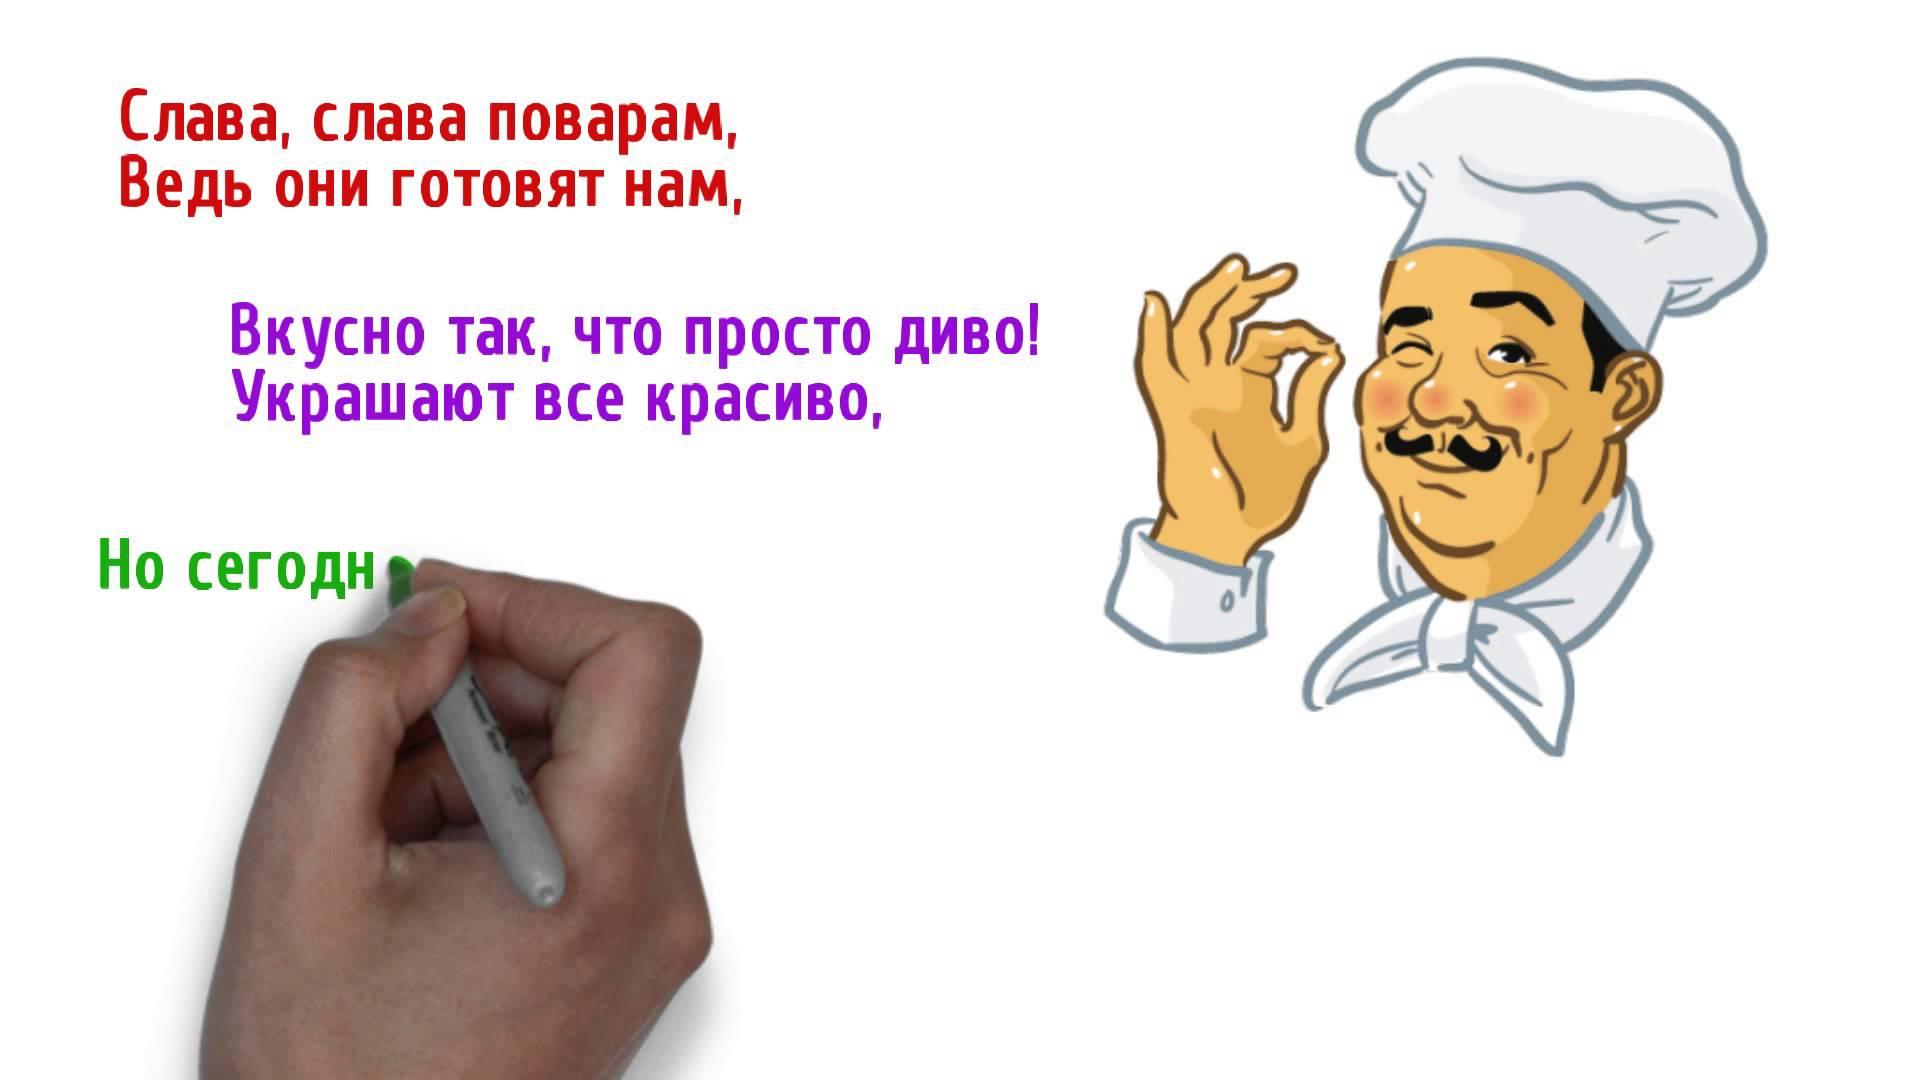 Международный День повара. Сегодня праздник!